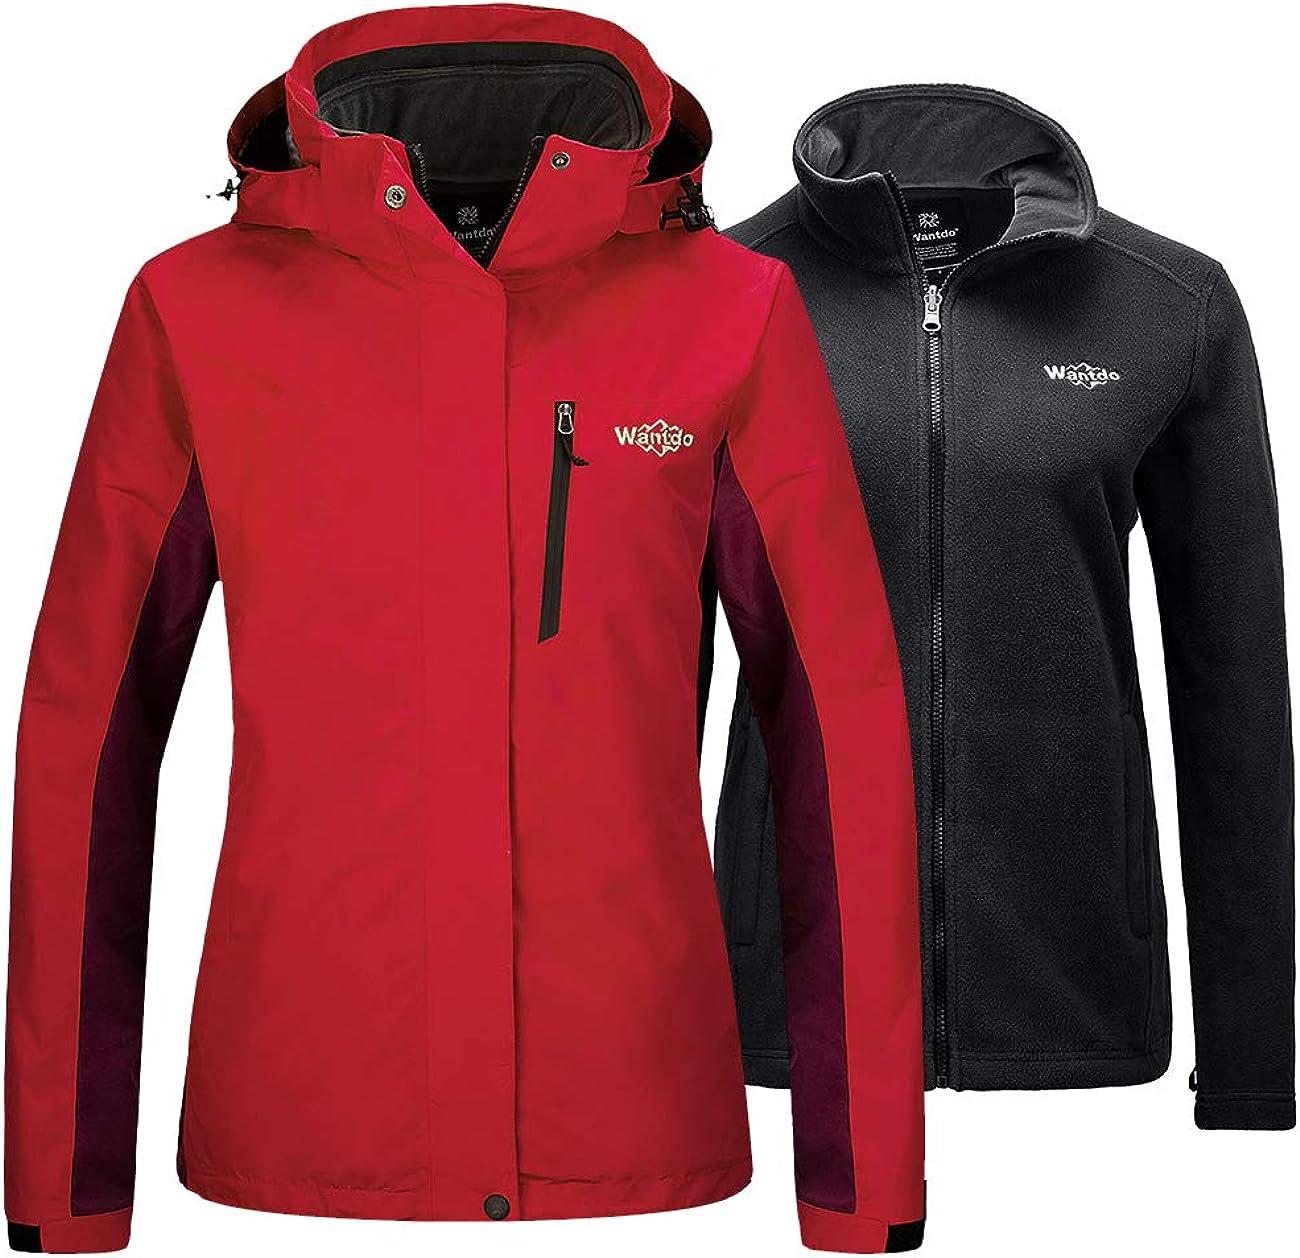 Wantdo Women's Waterproof 3 in 1 Ski Jacket Warm Fleece Winter Coat Rain Jacket